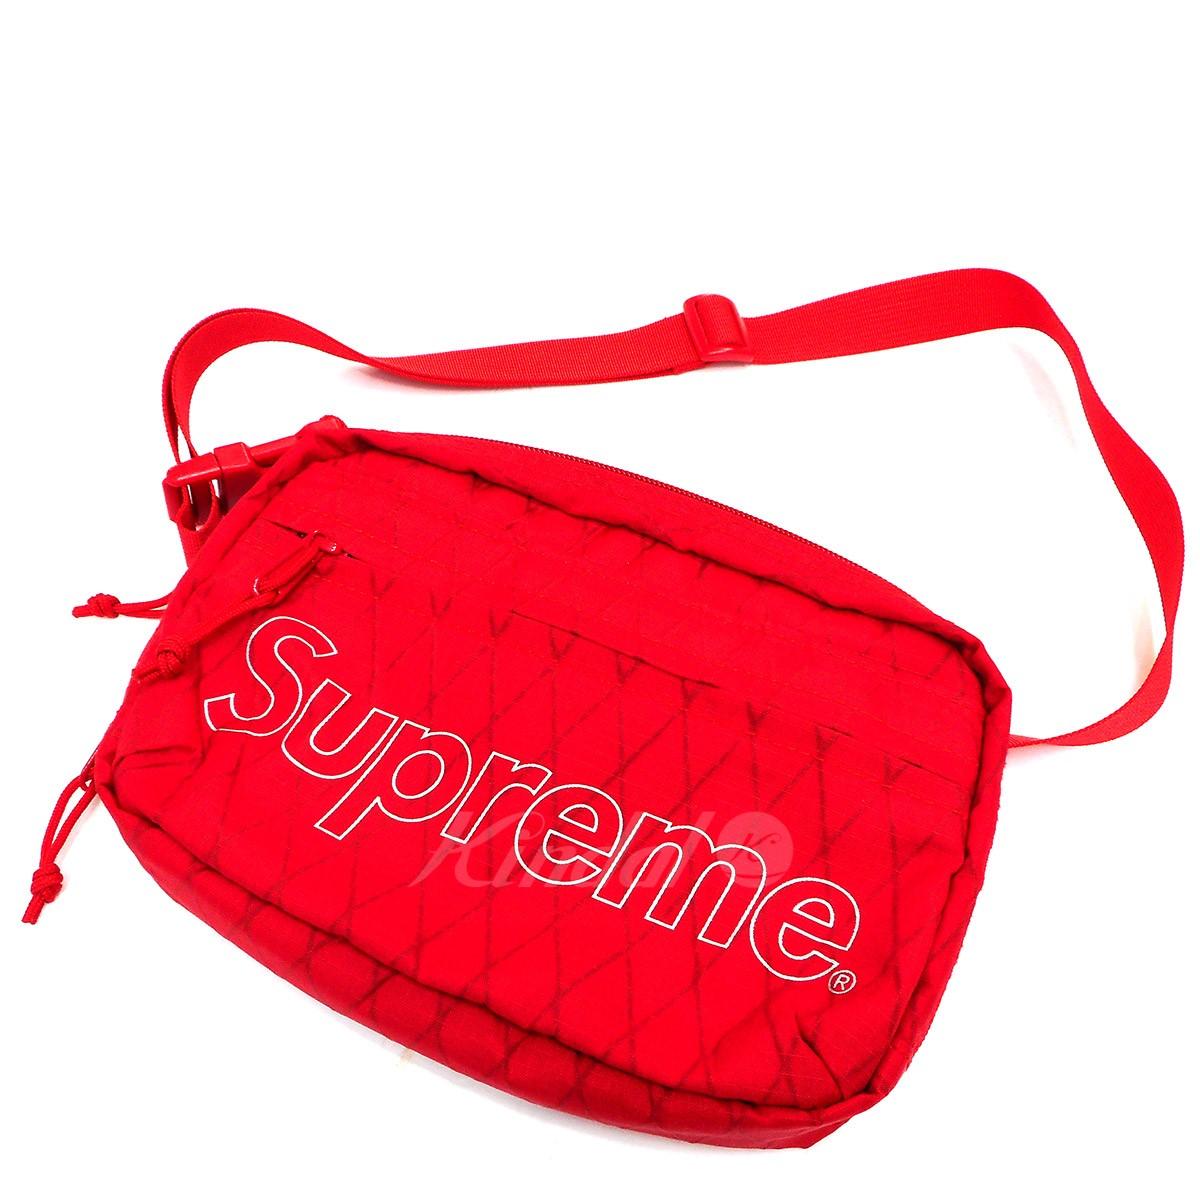 【中古】SUPREME 18AW Shoulder Bag ショルダーバッグ 【送料無料】 【003690】 【KIND1550】